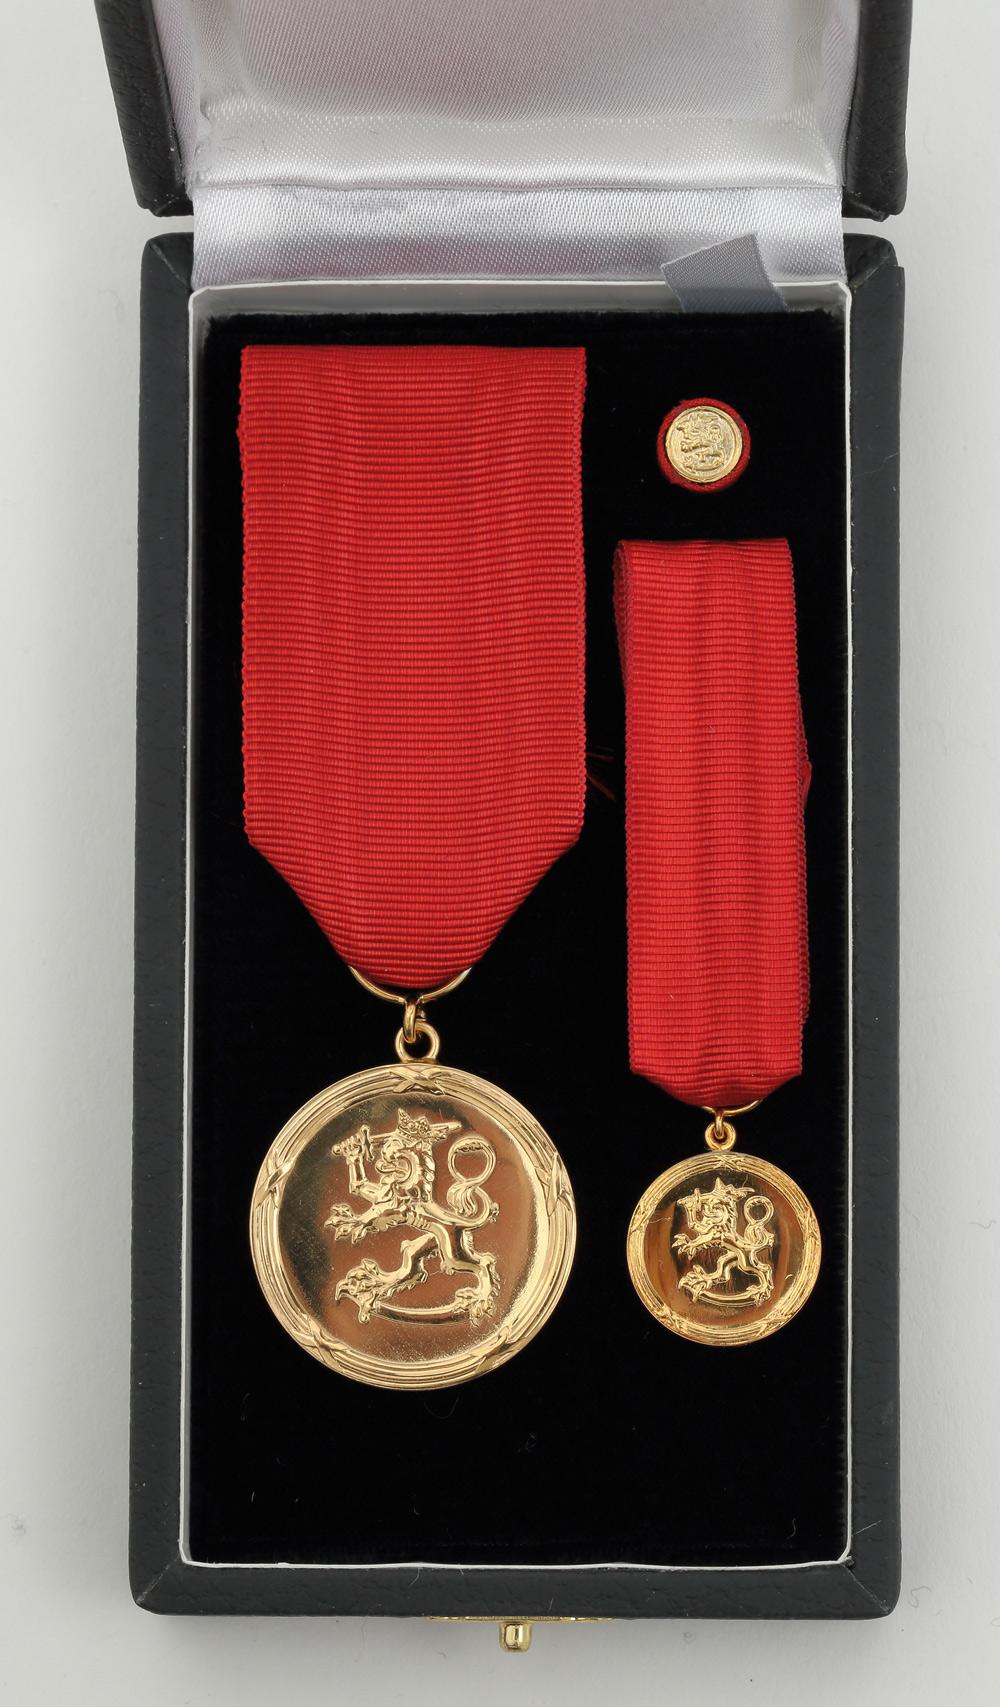 Suomen Leijonan Pro Finlandia -mitali annetaan kotelossa alkuperäiskokoisen mitalin ja pienoiskunniamerkin kanssa. Lisäksi kotelossa on Pro Finlandia -mitalin kunniamerkkitunnus.